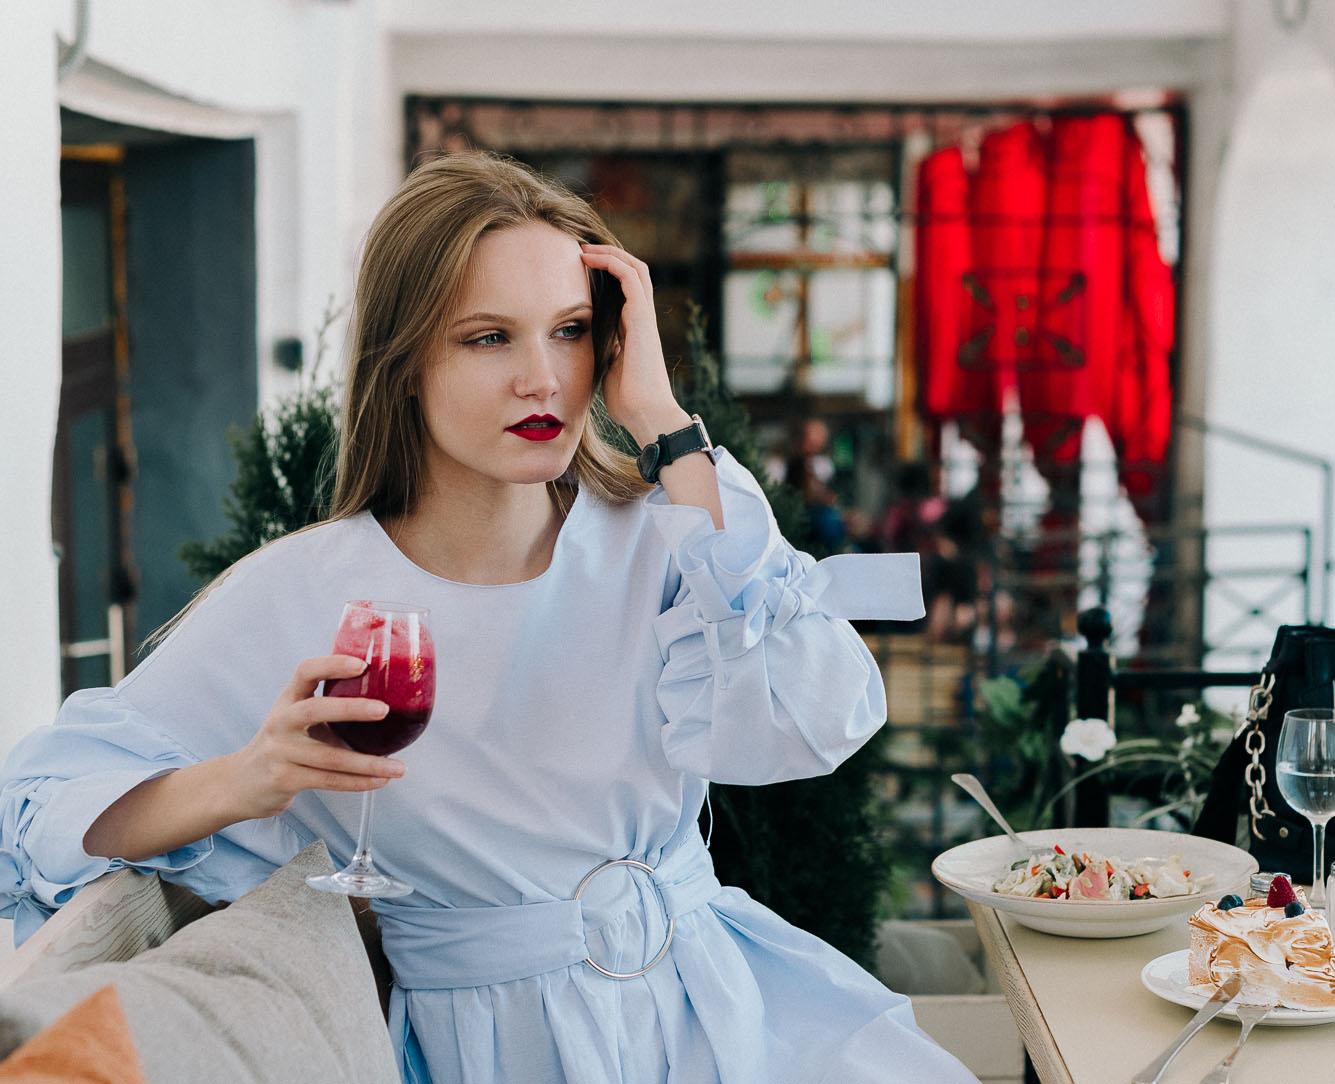 Эксклюзив. Русский блогер в Париже: о плюсах и минусах отношений с иностранцами